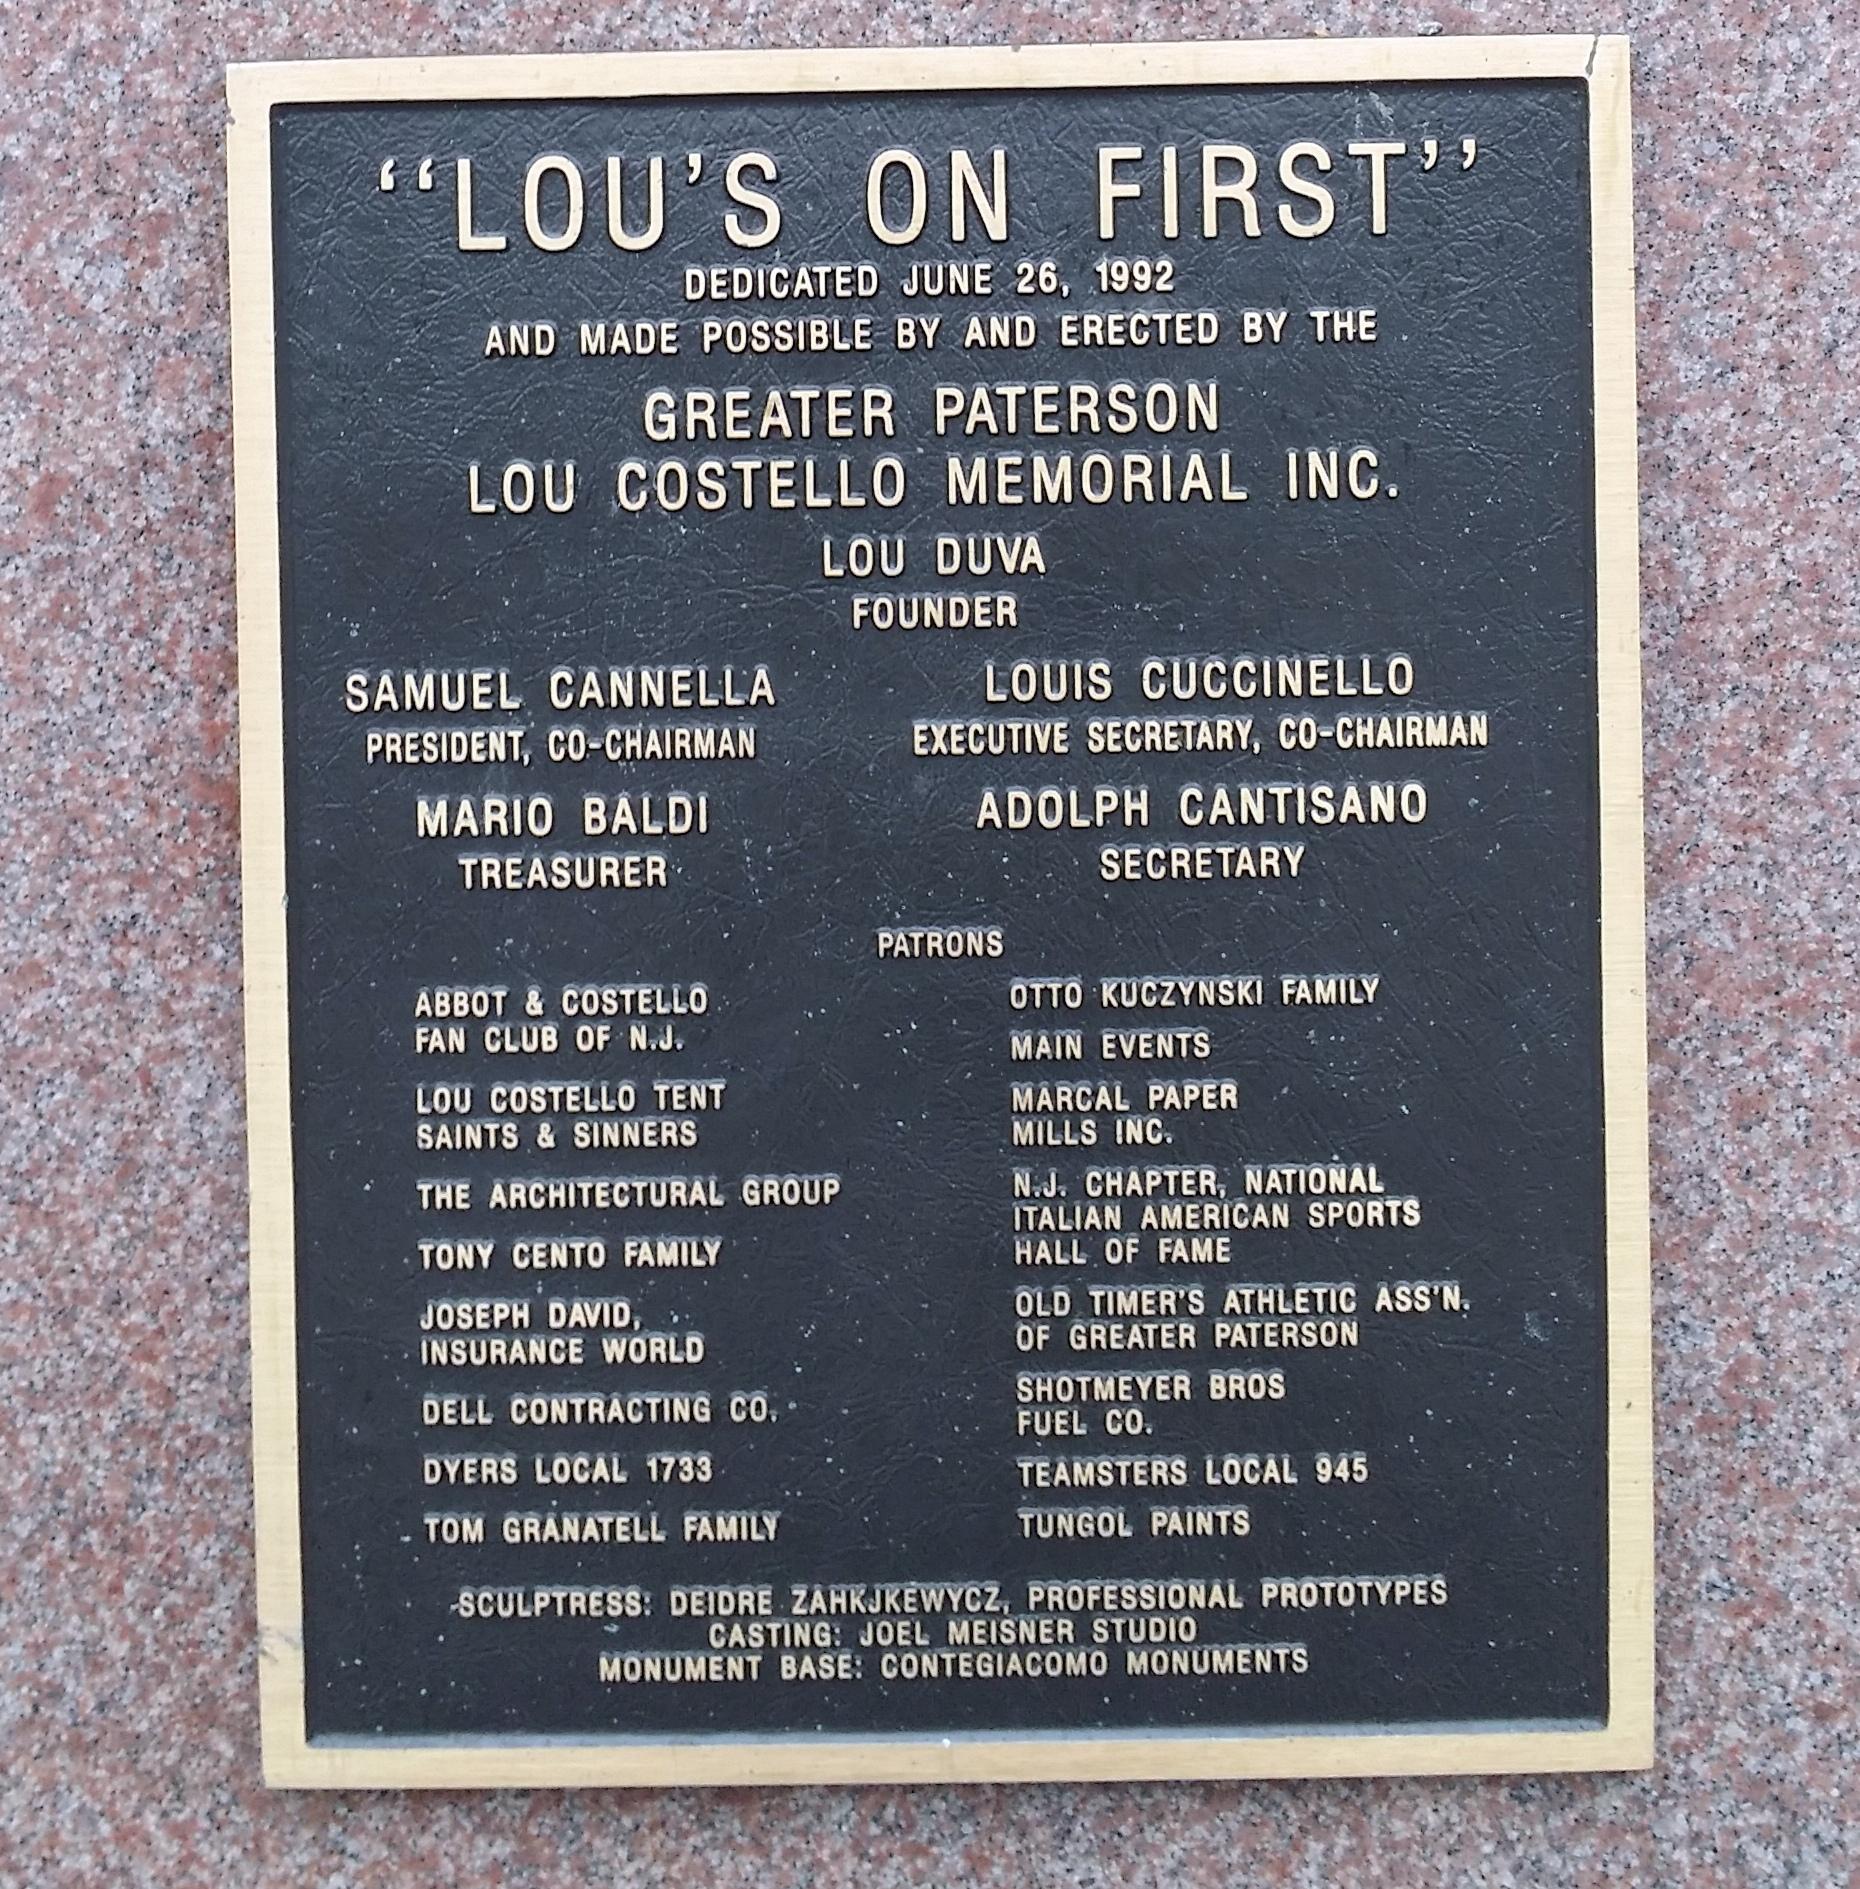 Lou Costello Statue foundation members (PHOTO BY ALEX RINALDI)